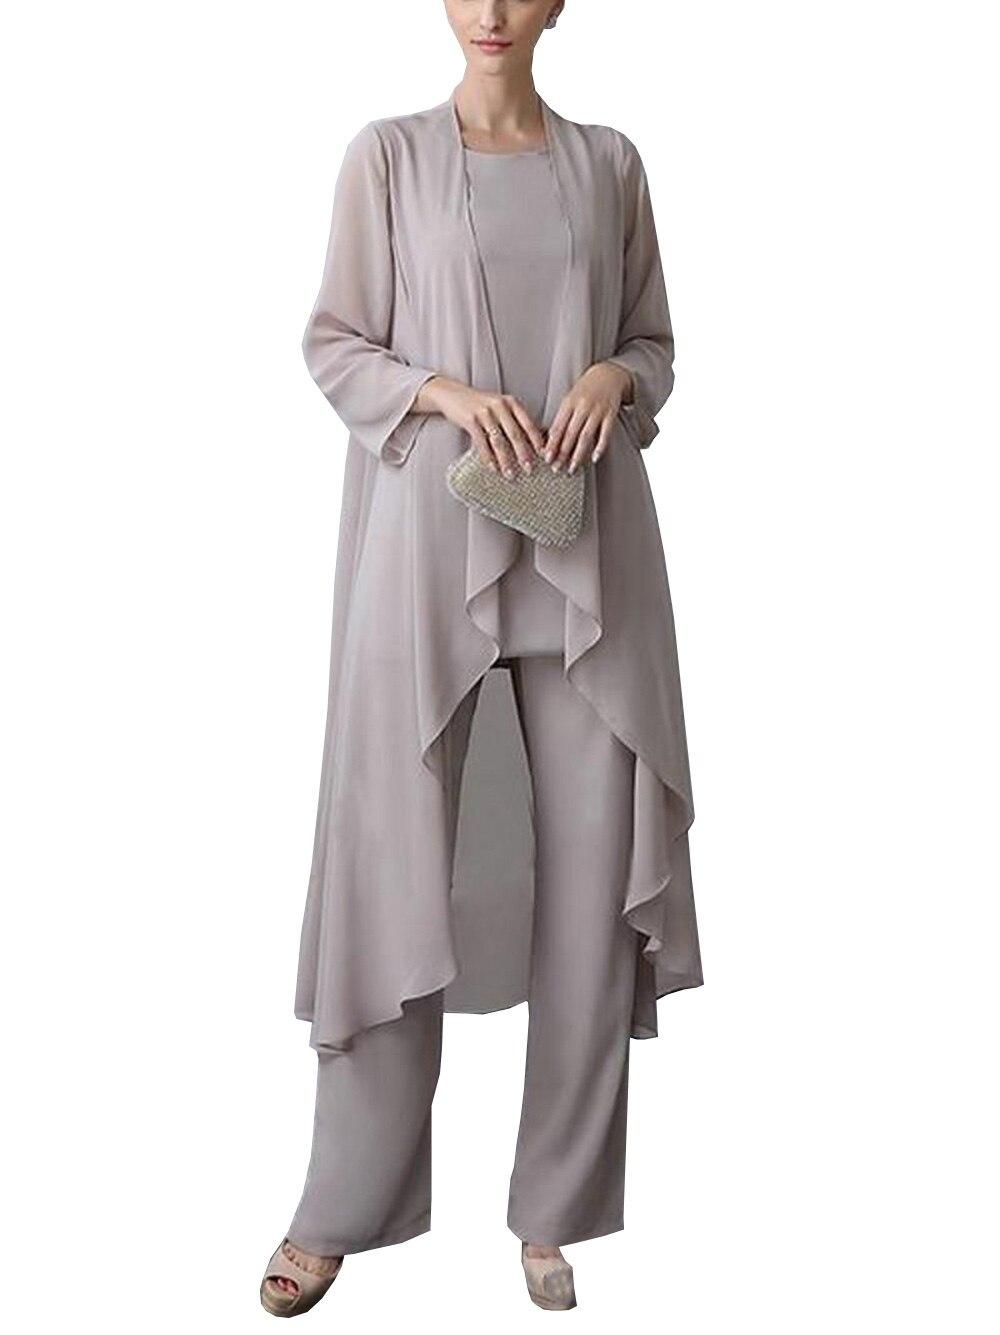 فستان شيفون بدون أكمام ، رقبة مستديرة ، ثلاث قطع ، فضي ، للأم ، فستان أنيق لحفلات الزفاف